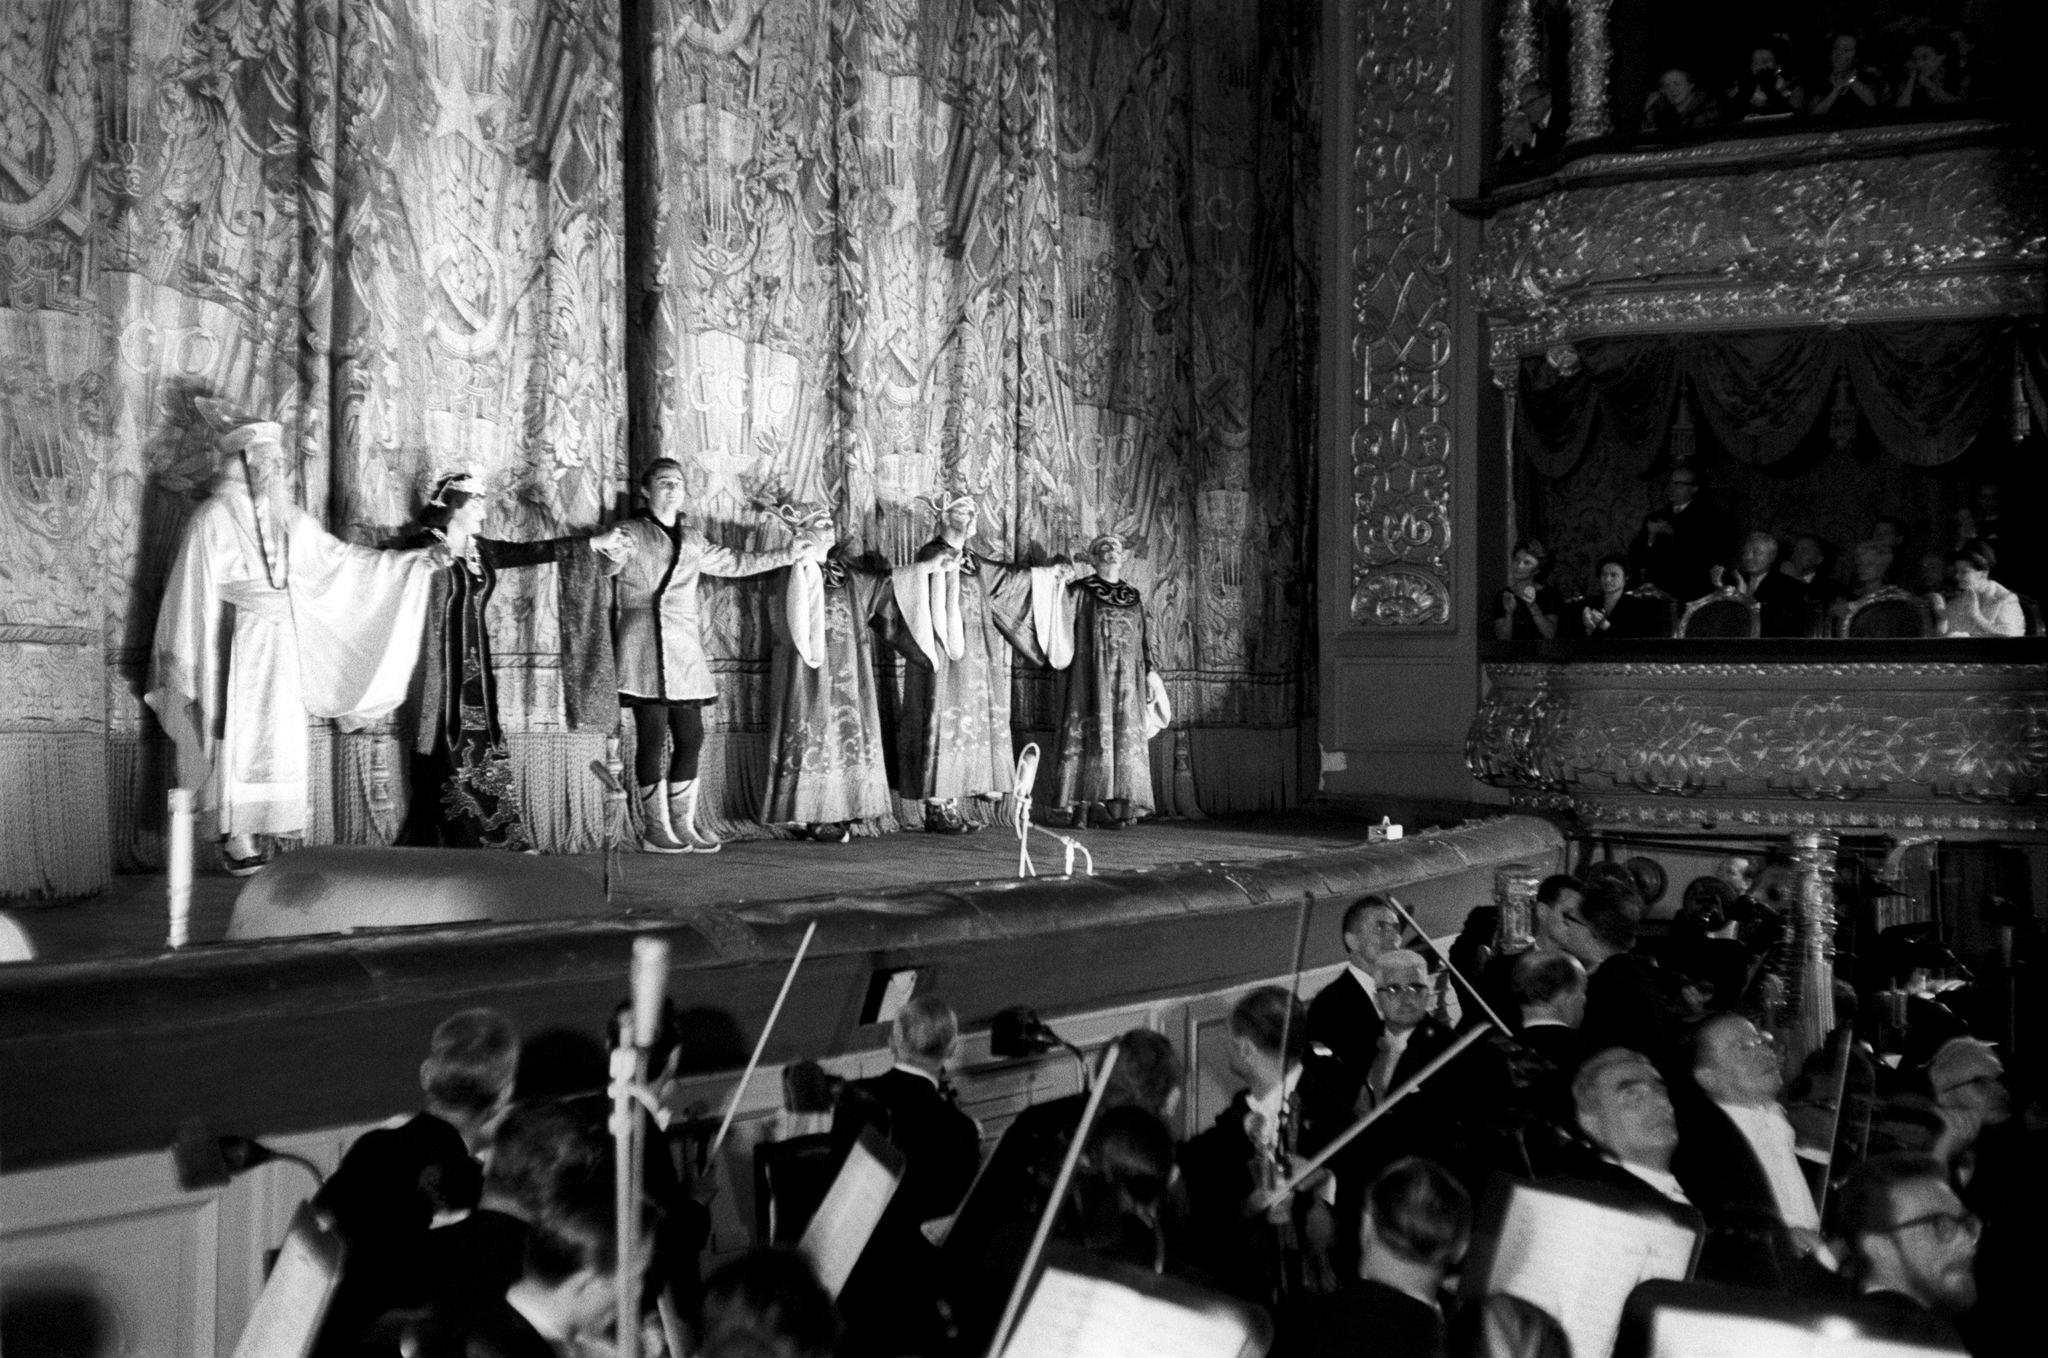 Актеры театра Ла Скала выражают благодарность аудитории в конце выступления.png